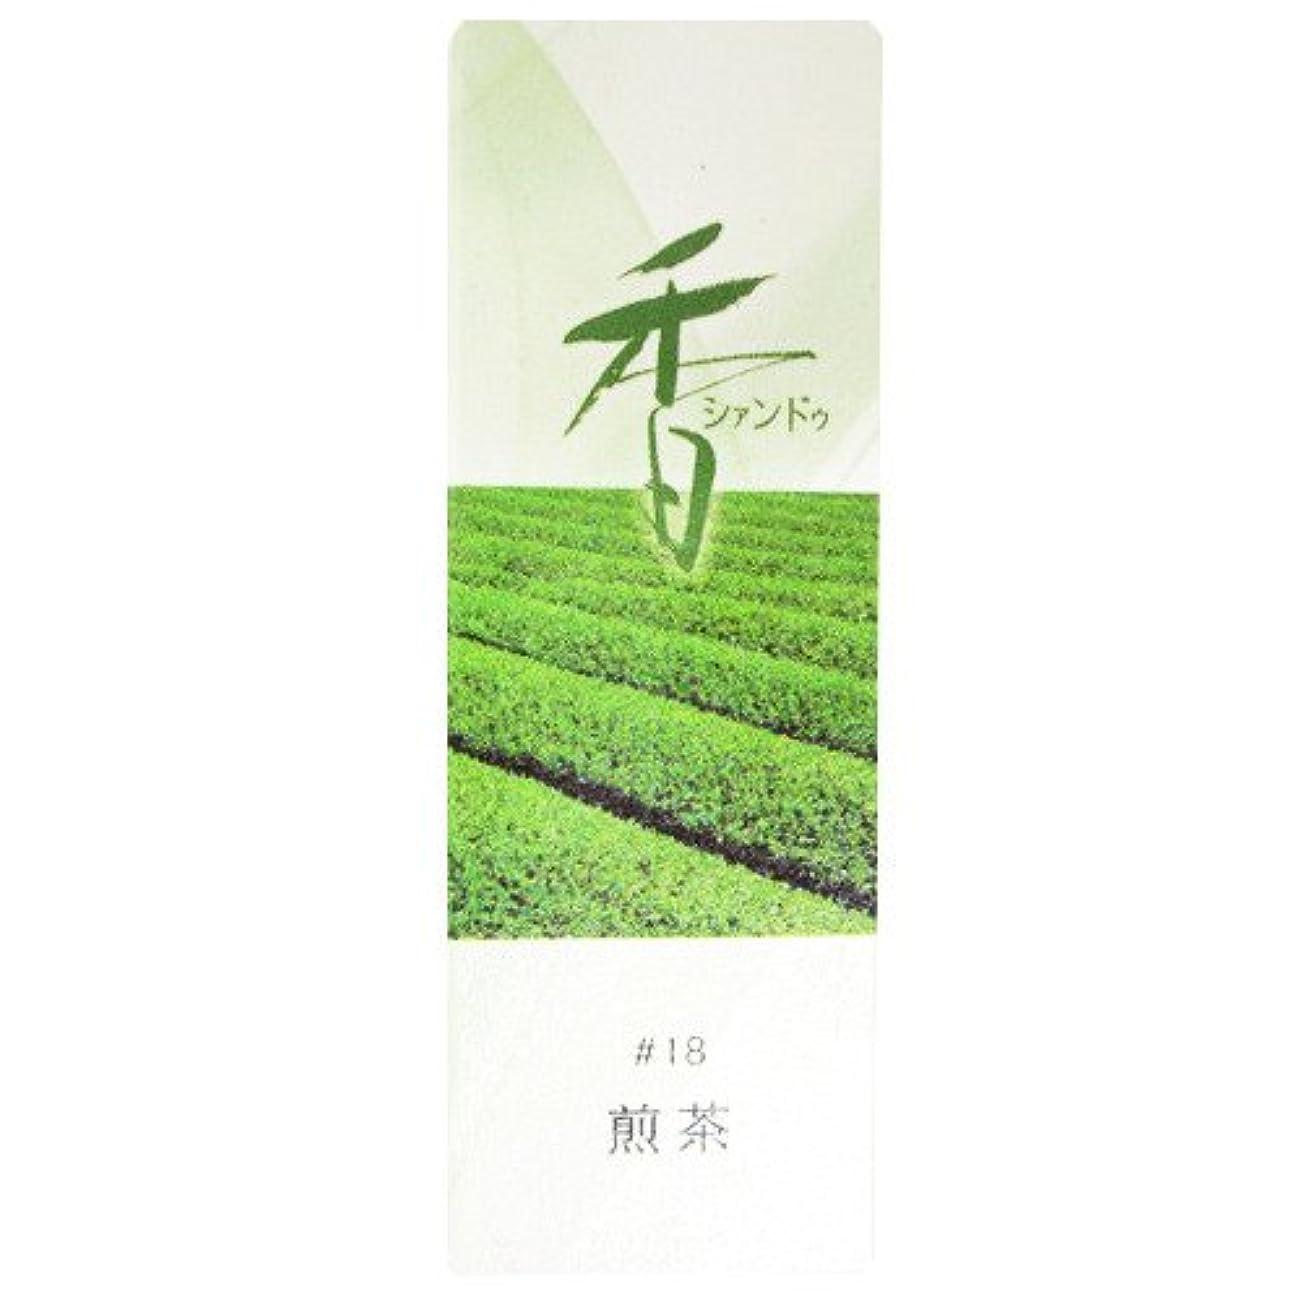 バッグ連隊はねかける松栄堂のお香 Xiang Do(シャンドゥ) 煎茶 ST20本入 簡易香立付 #214218